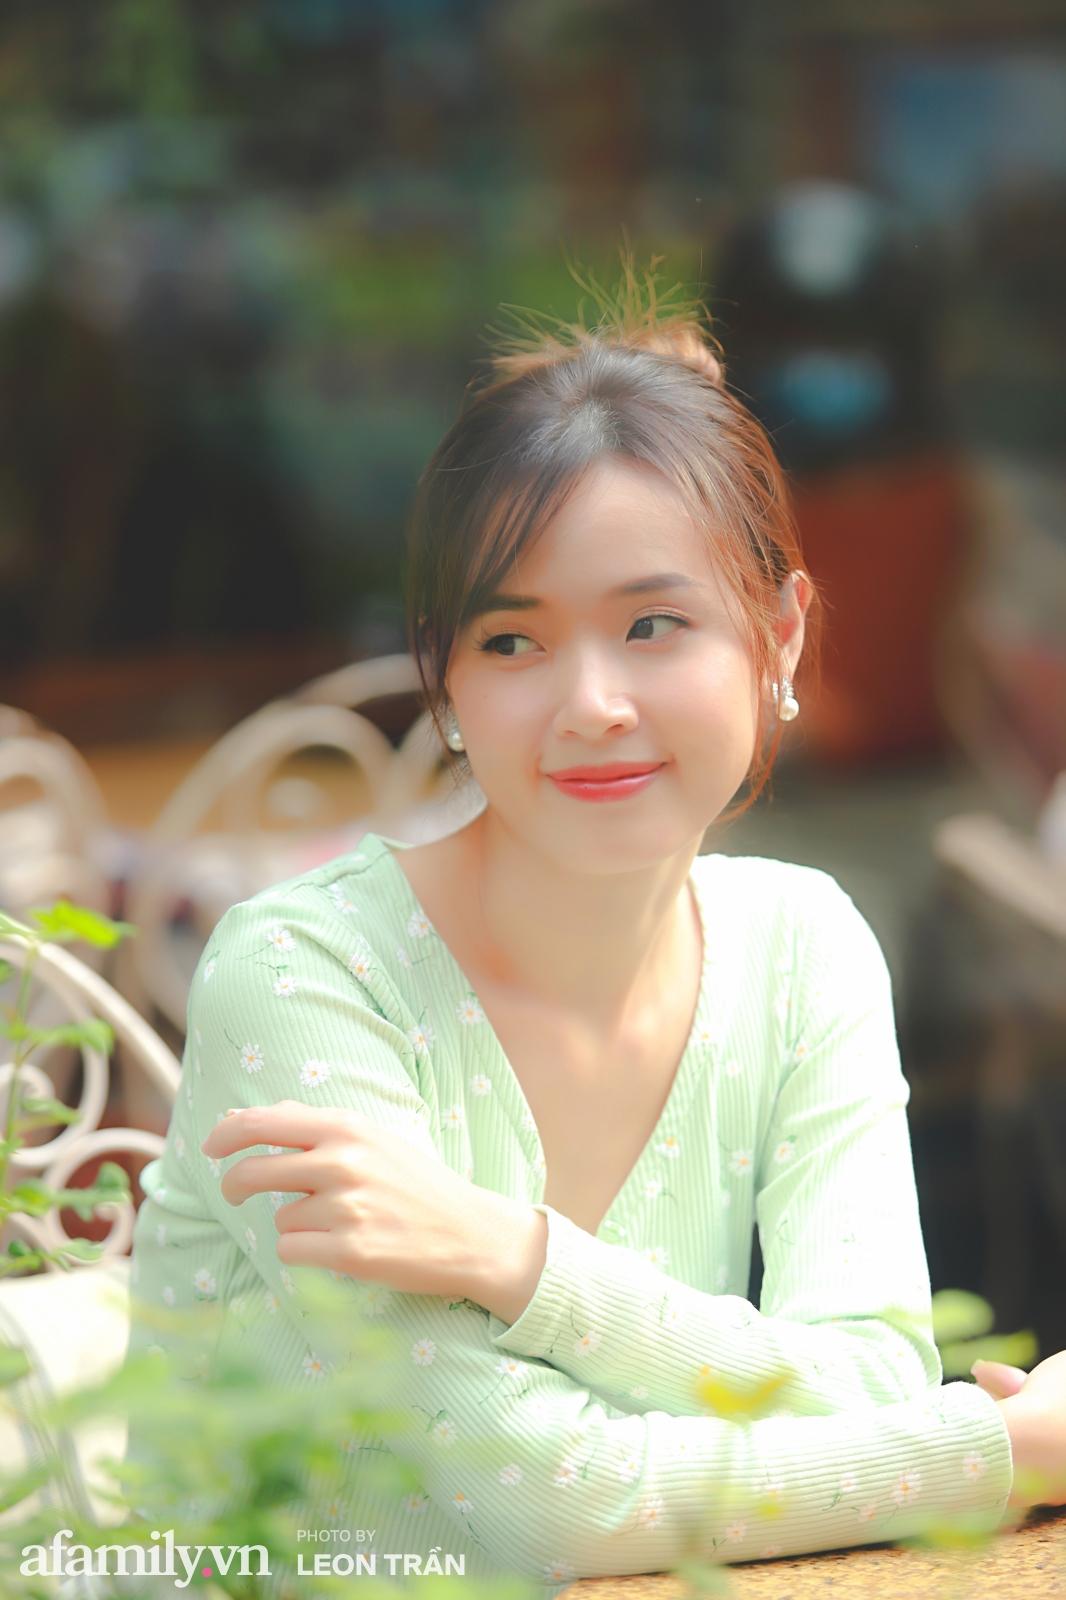 """30 Tết gặp gỡ cô nàng Midu hỏi chuyện """"bao giờ cưới chồng"""": Nếu không tìm được người """"vừa đủ"""" thì sống 1 mình cho khỏe - Ảnh 7."""